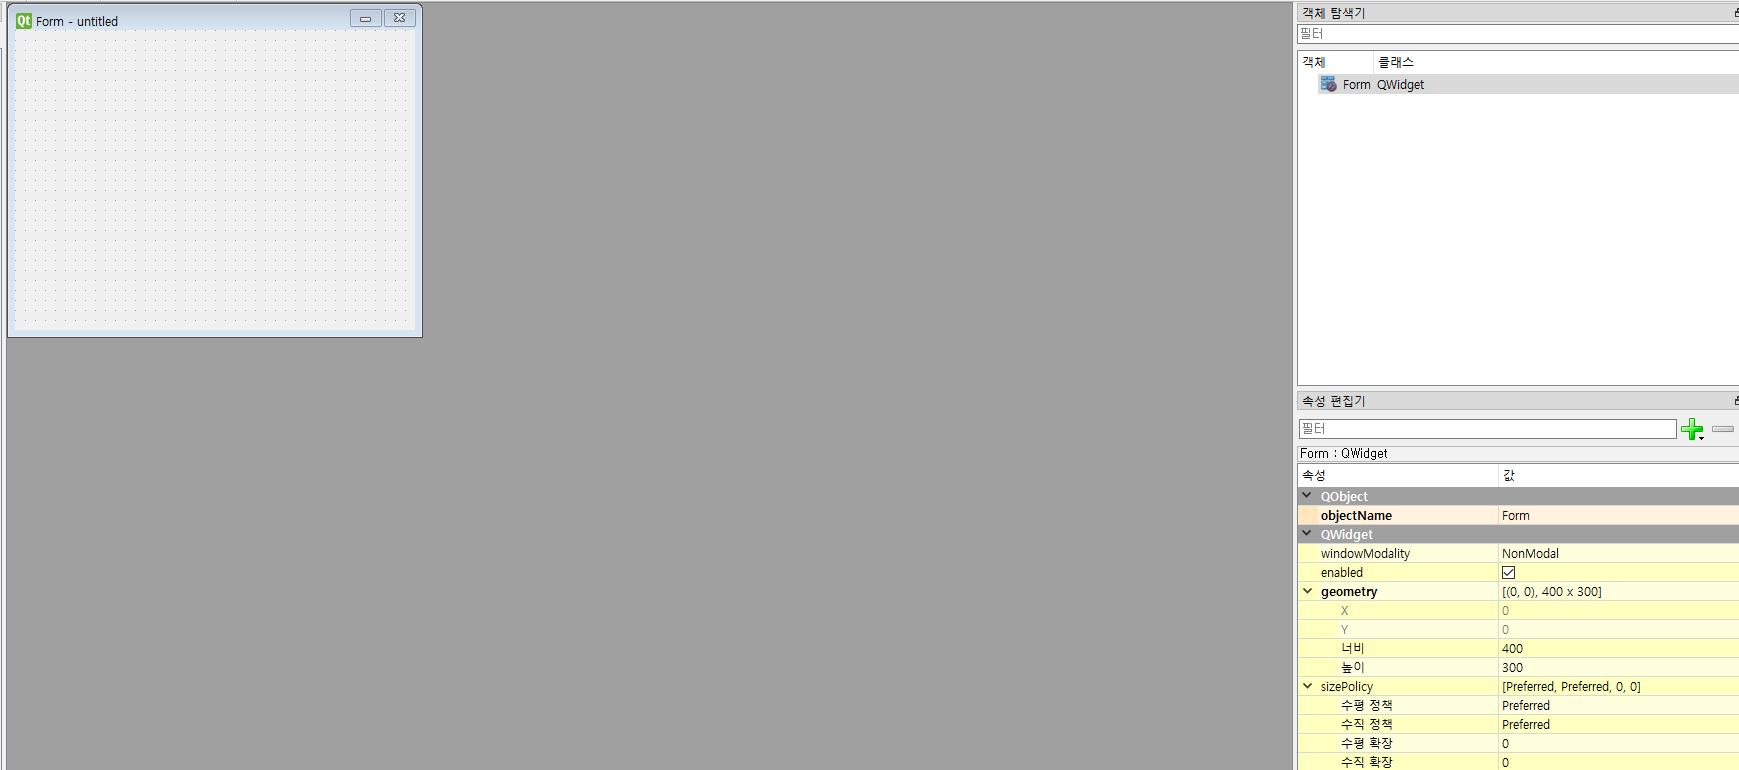 47140b88-802b-4bc1-beb4-726d960aa77f-image.png